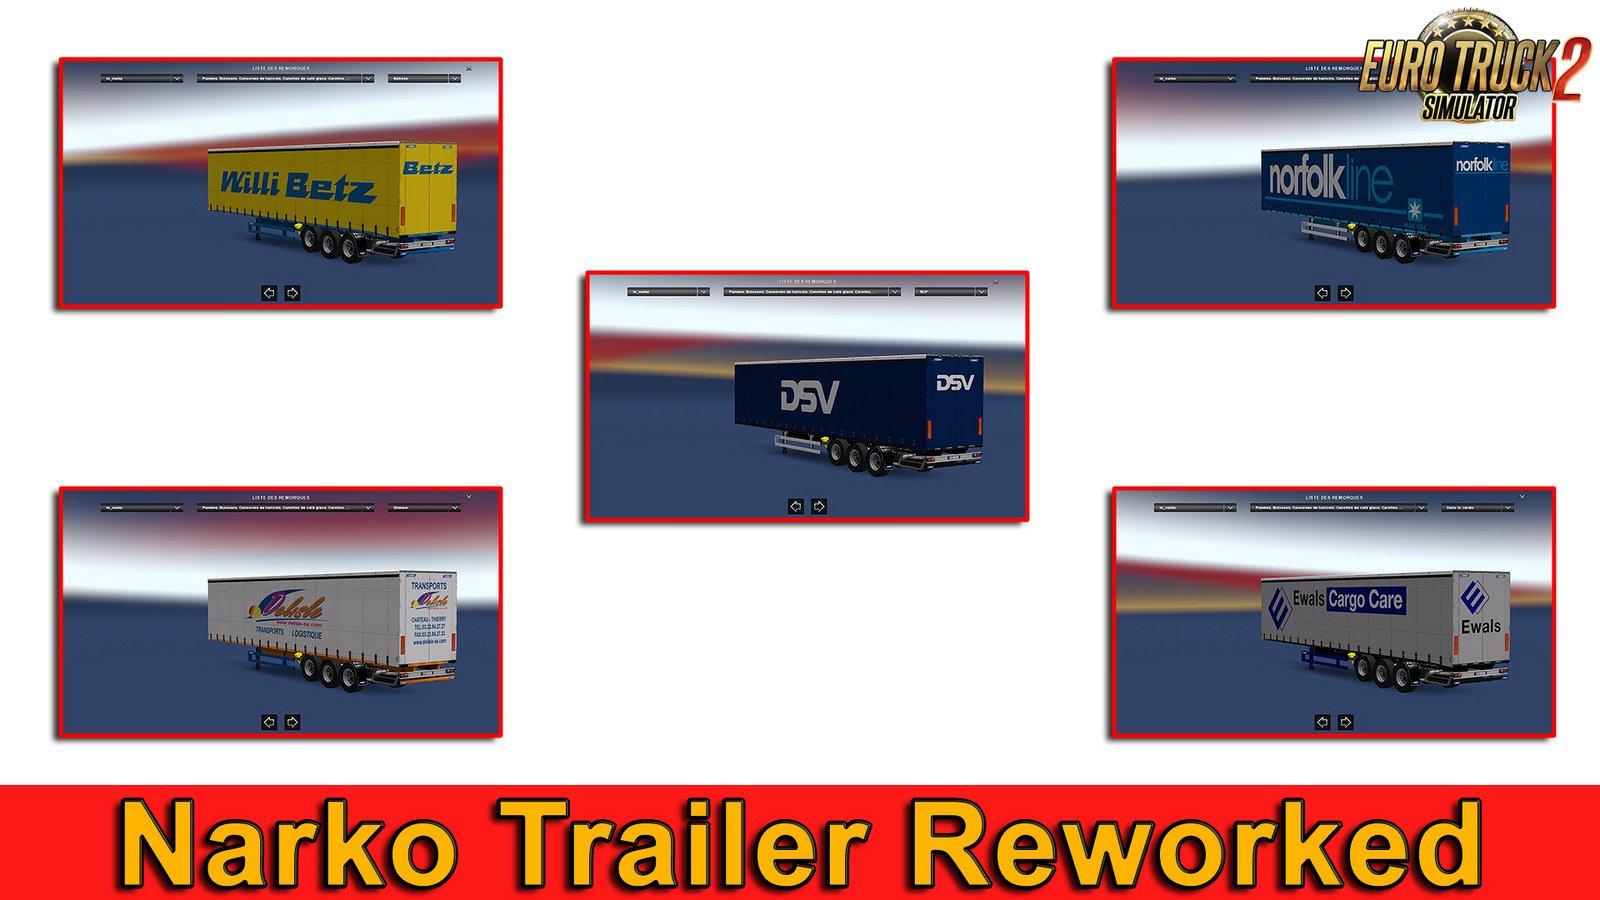 Narko trailer reworked v1.30 for Ets2